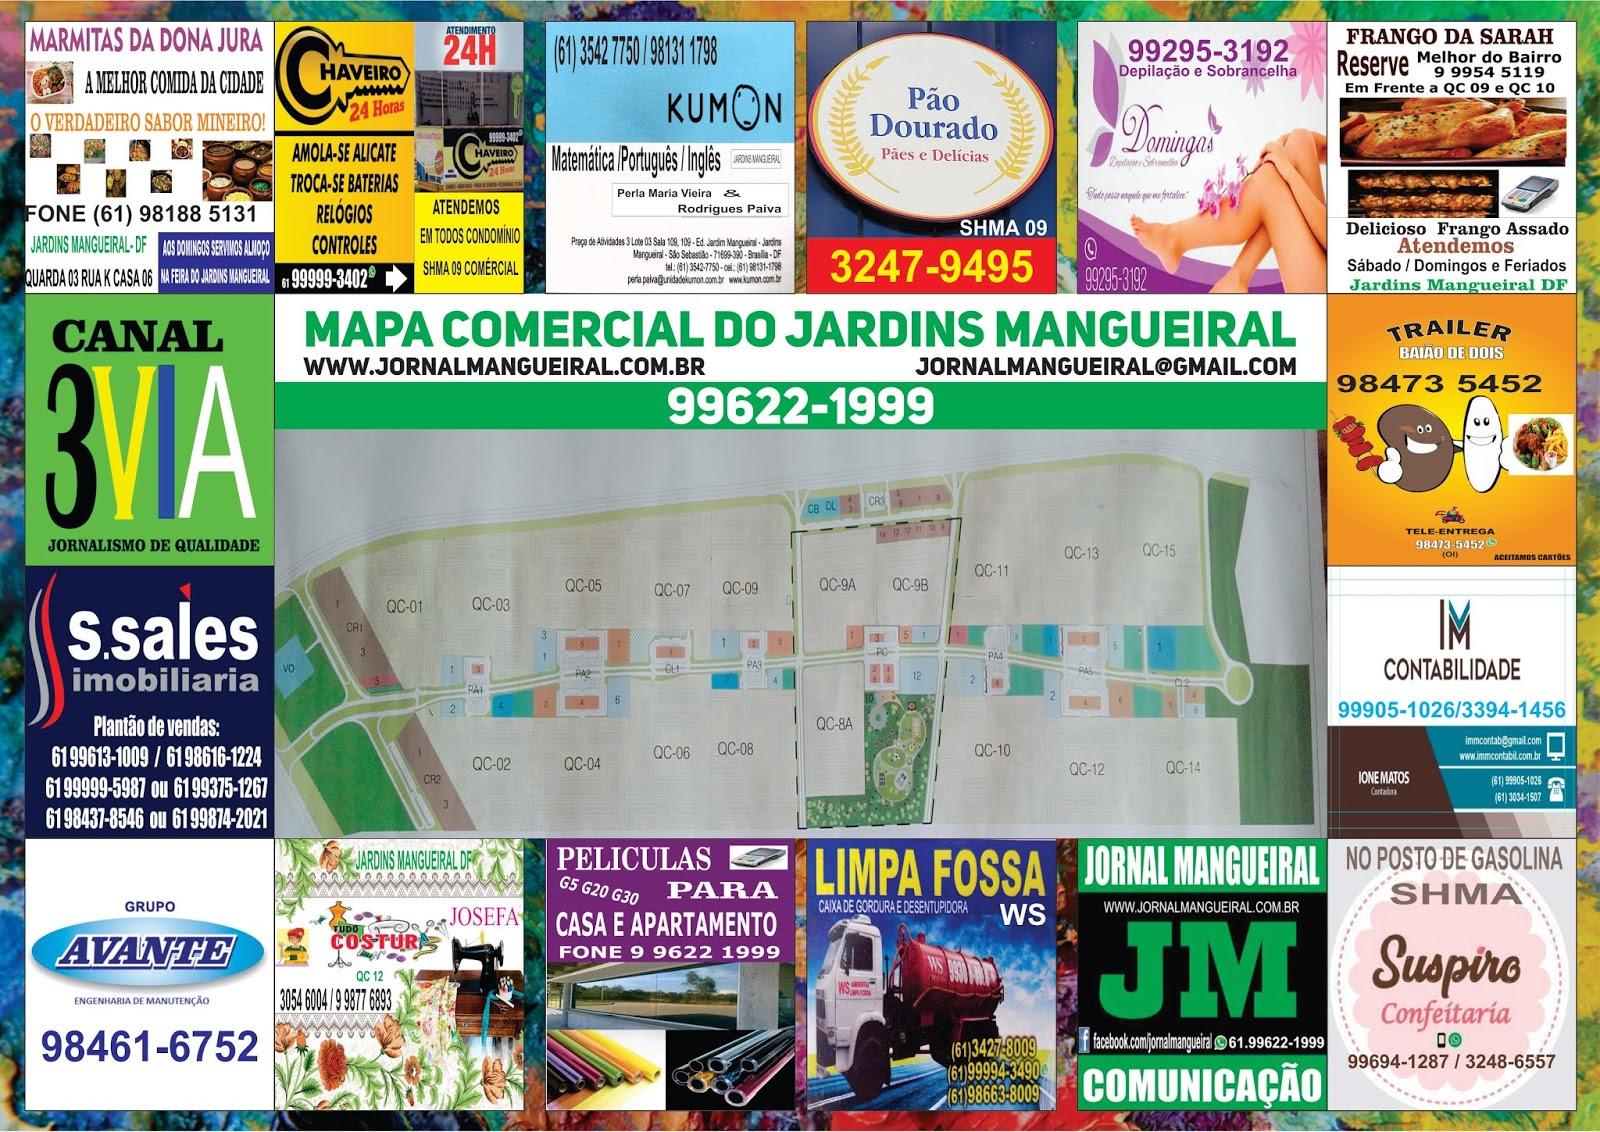 Joel%2BMatos - Dia 12 de maio dia das Mães no Jardins Mangueiral foi com muta diverção e alegria com um lindo café da manha